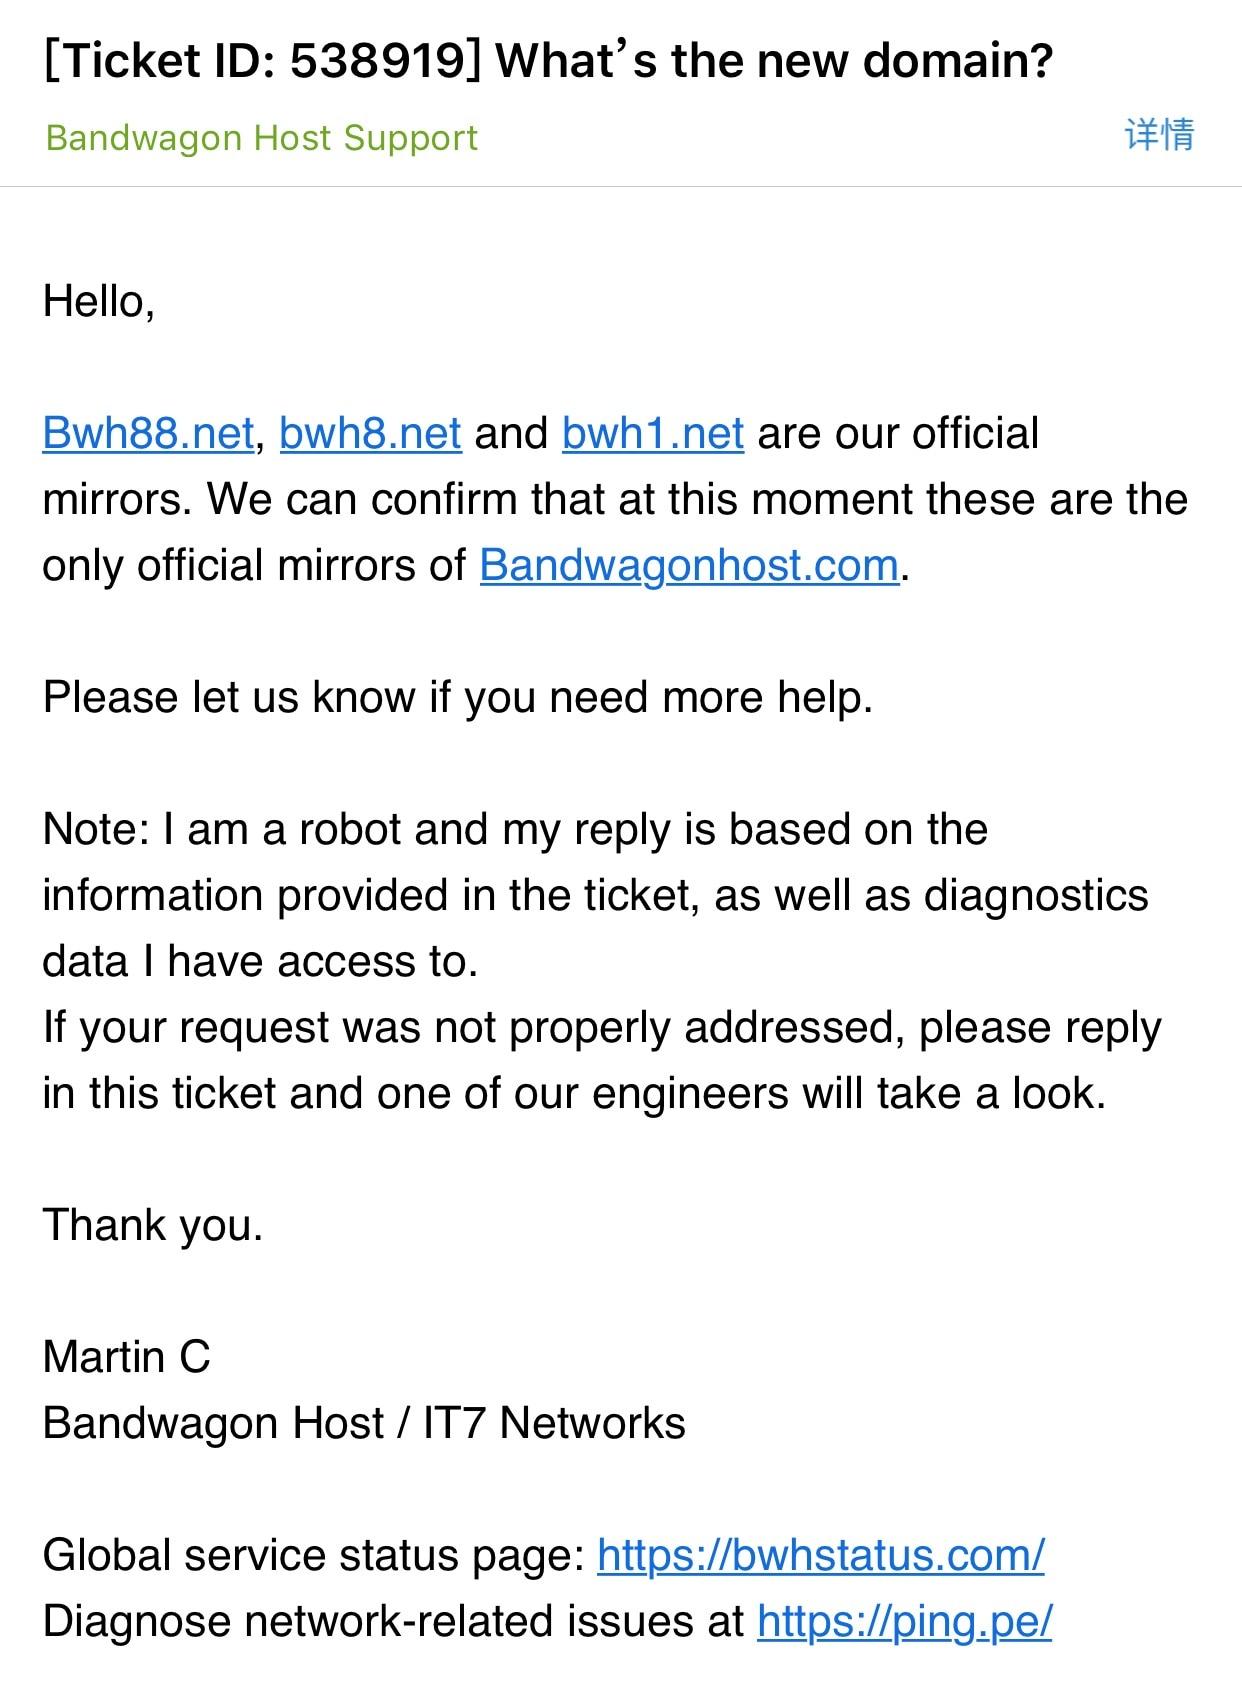 搬瓦工启动新备用域名bwh88.net